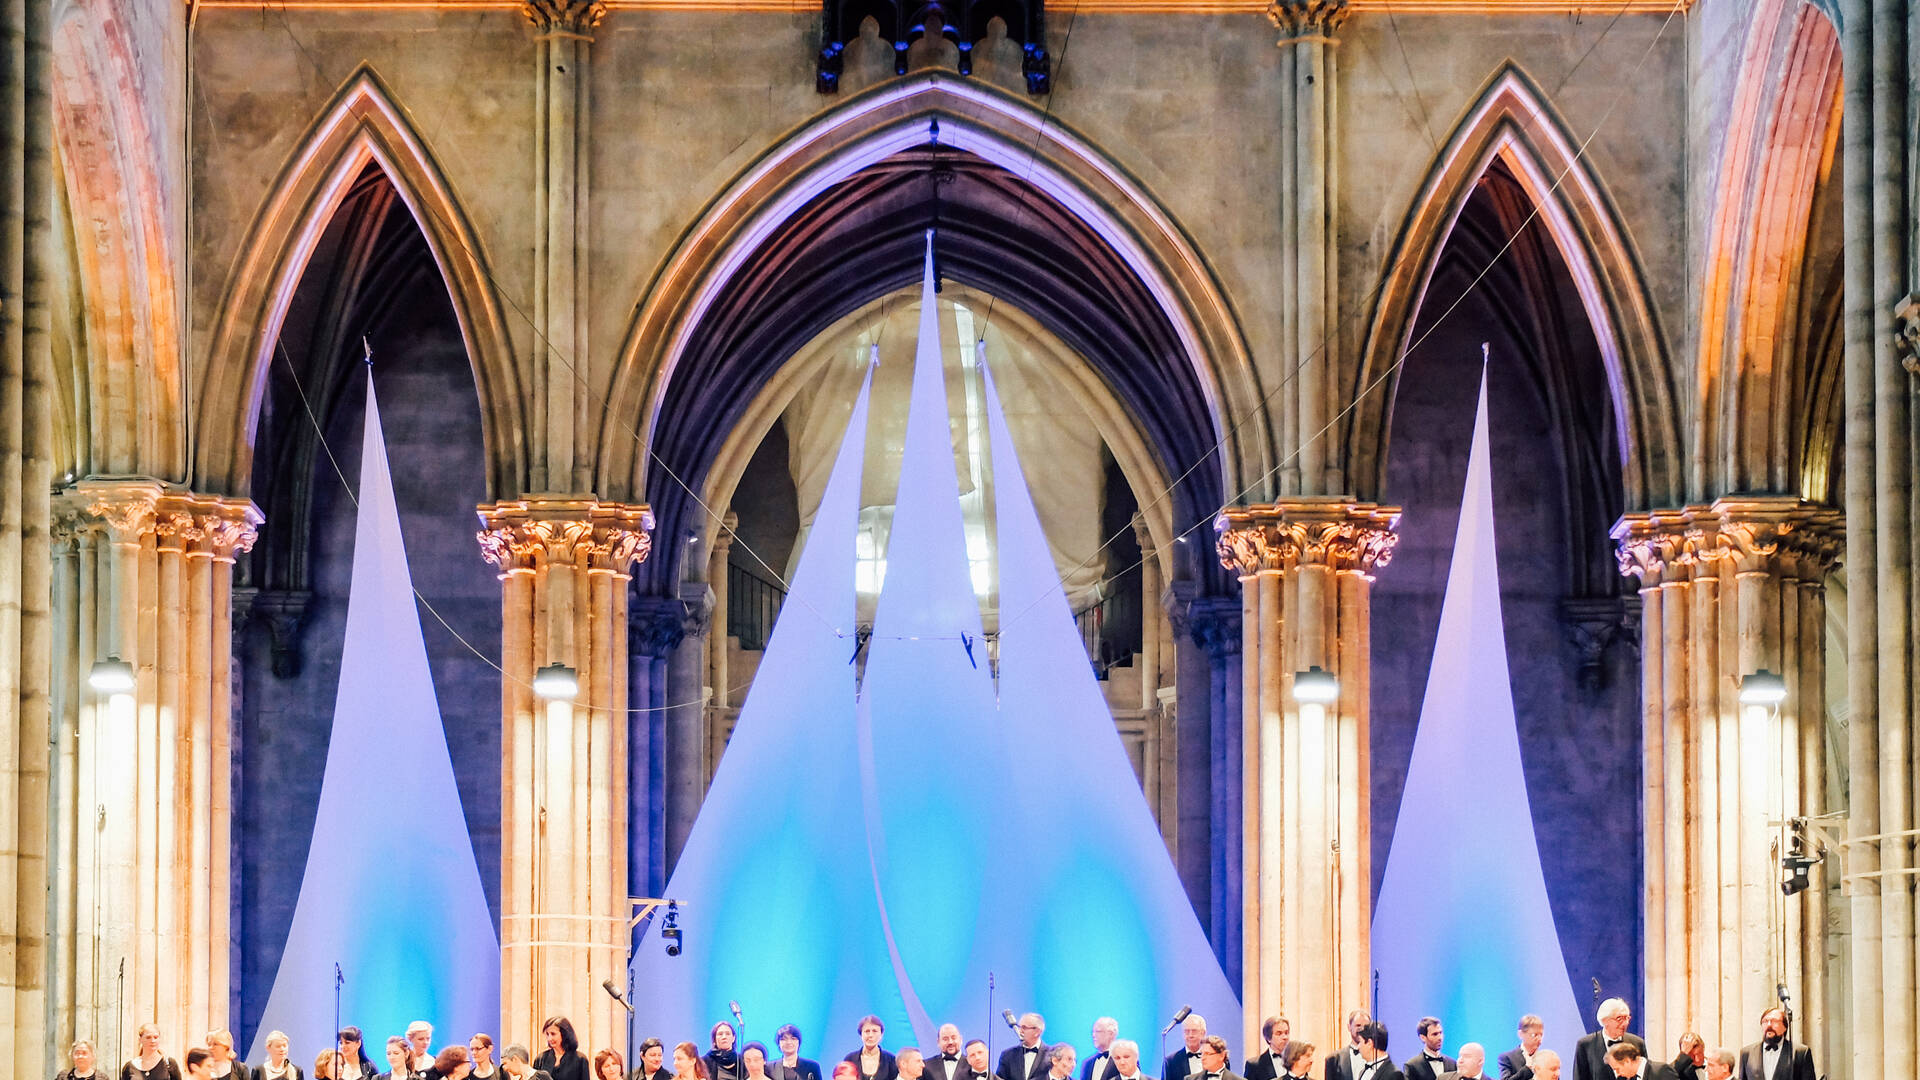 Festival de Saint-Denis à la Basilique cathédrale